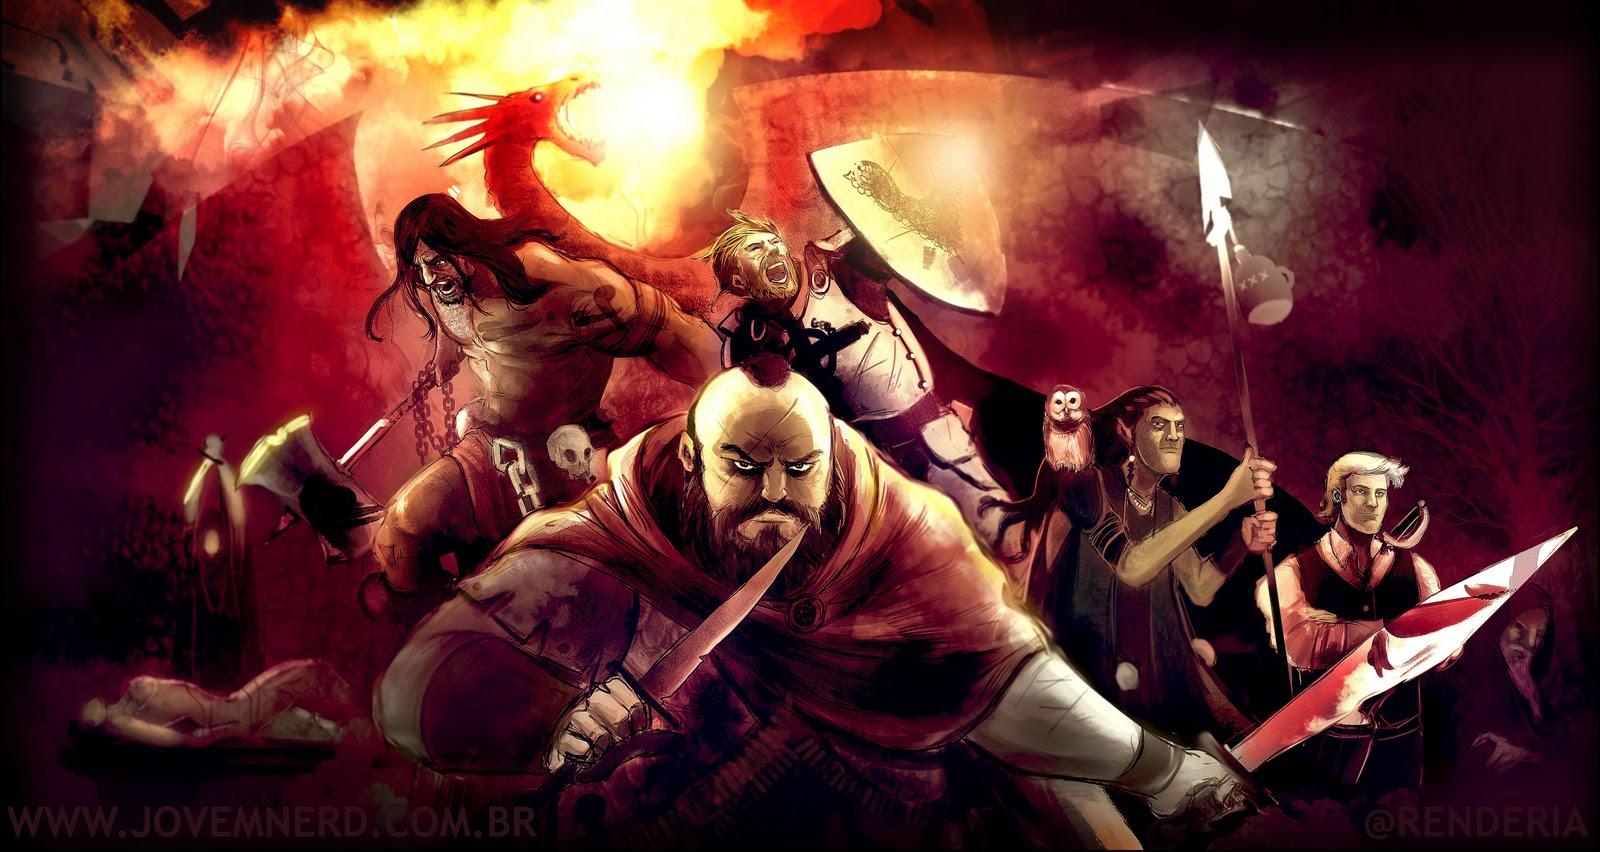 http://4.bp.blogspot.com/-ELoB6Az0gzs/TZSHGNXEV3I/AAAAAAAAAQA/oCo8ezLFujw/s1600/NC251_wallpaper.jpg